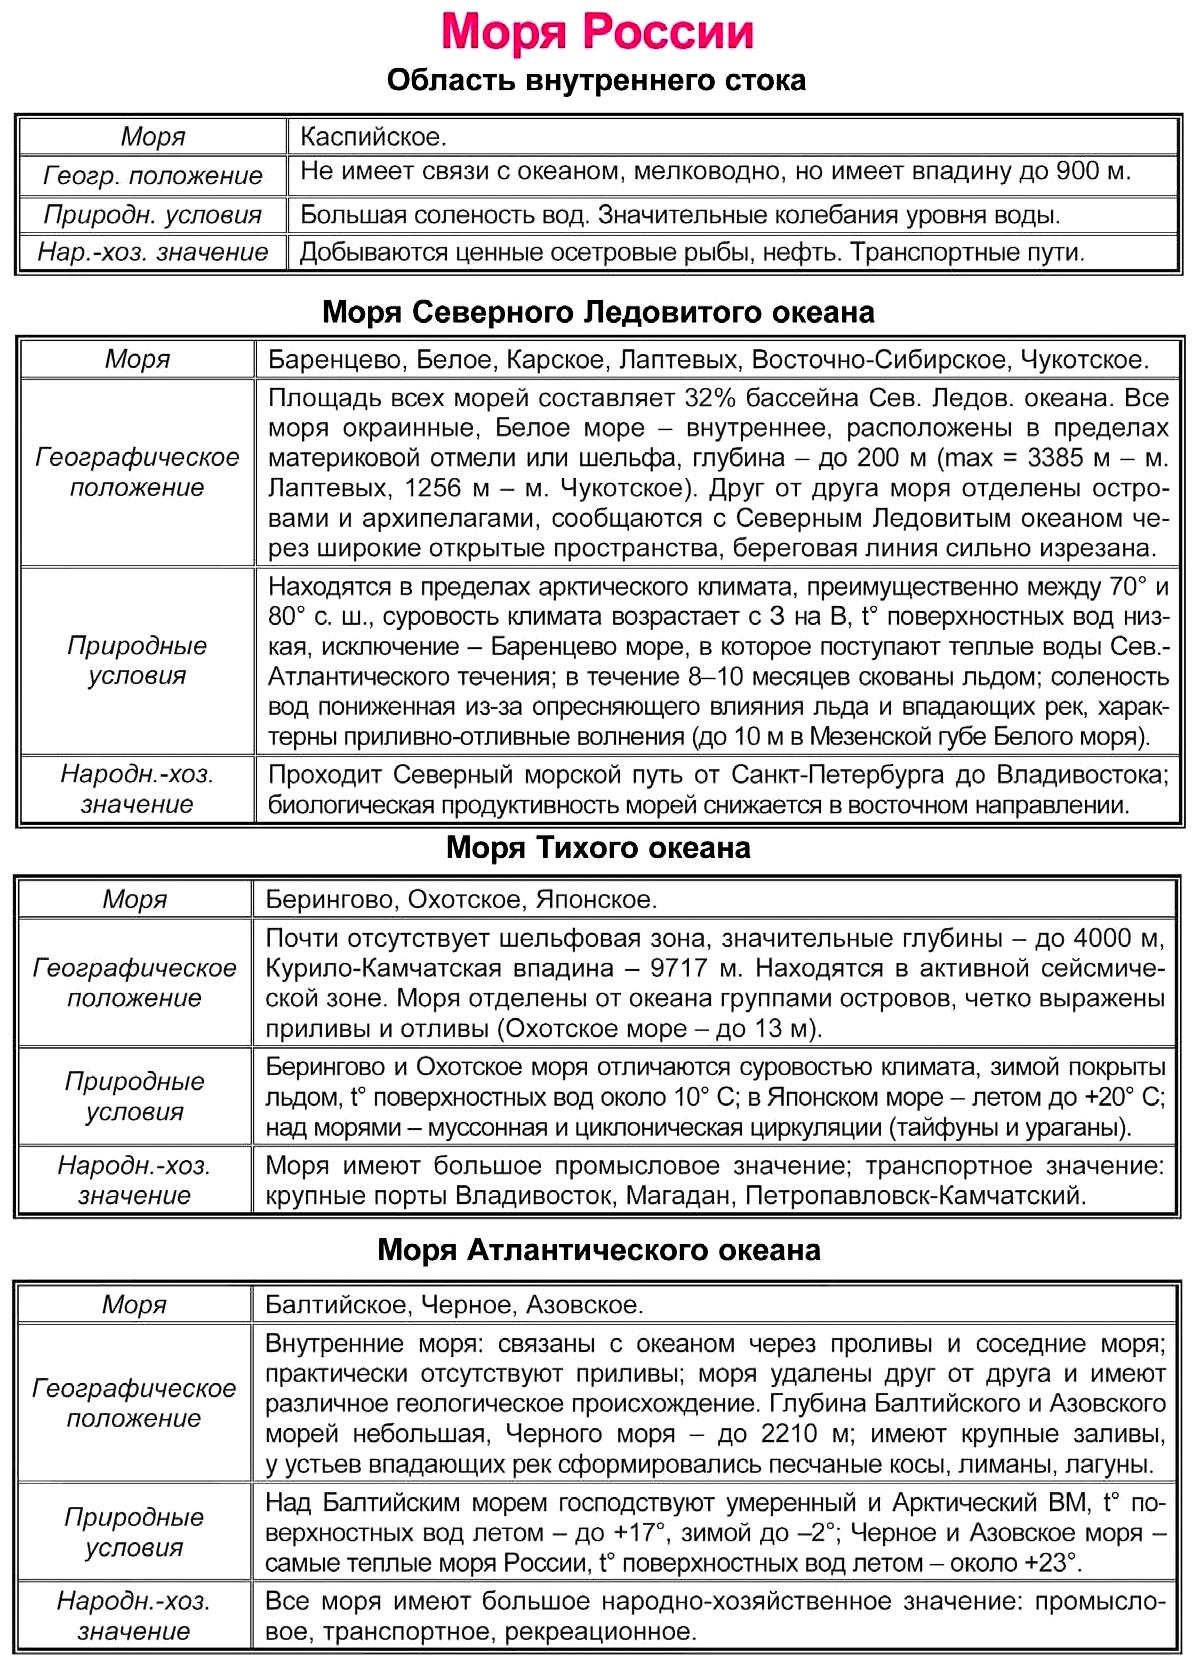 моря россии. Природно-хозяйственные различия морей